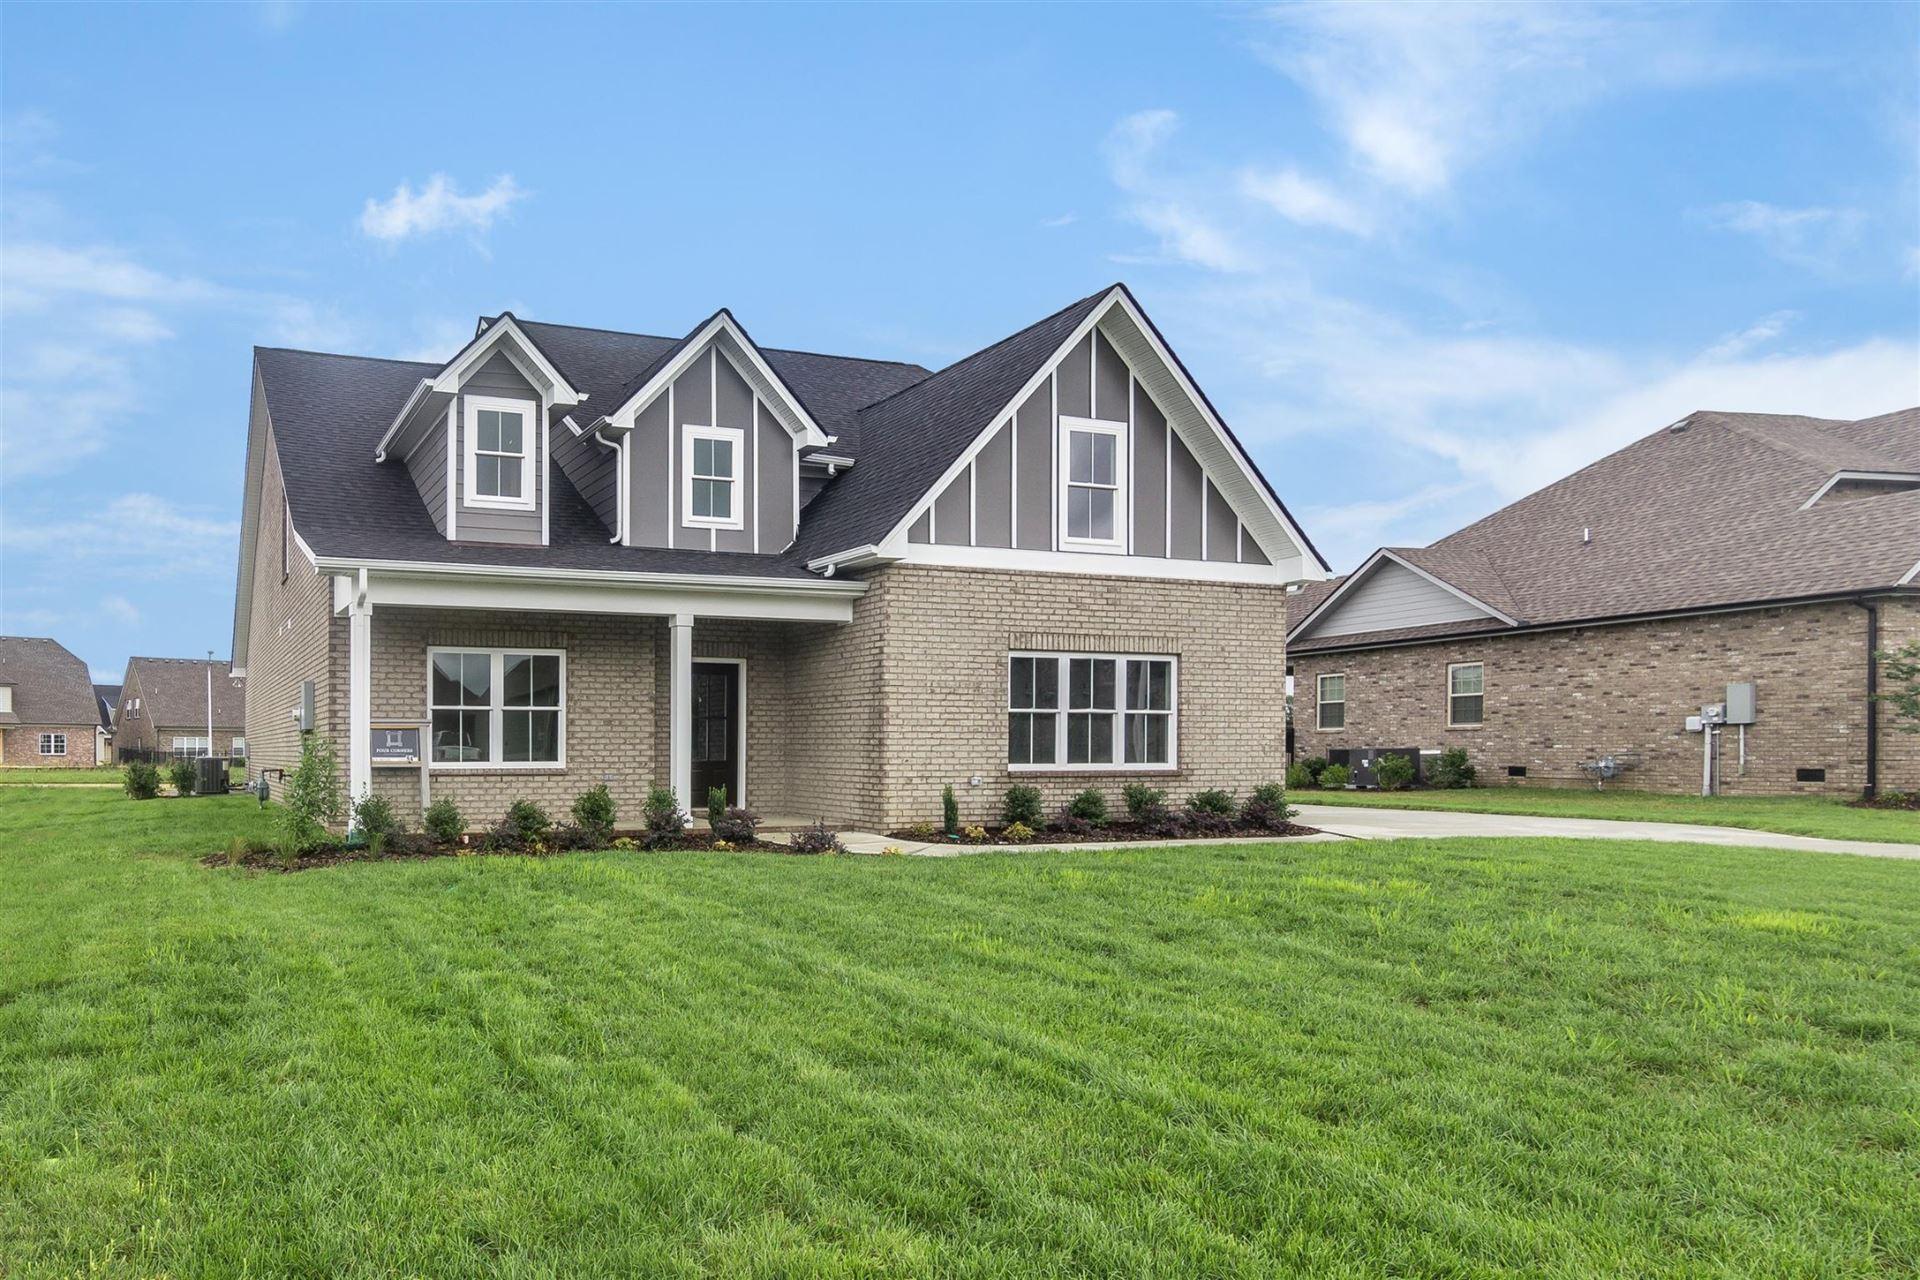 5707 Mendenhall Way, Murfreesboro, TN 37127 - MLS#: 2185166